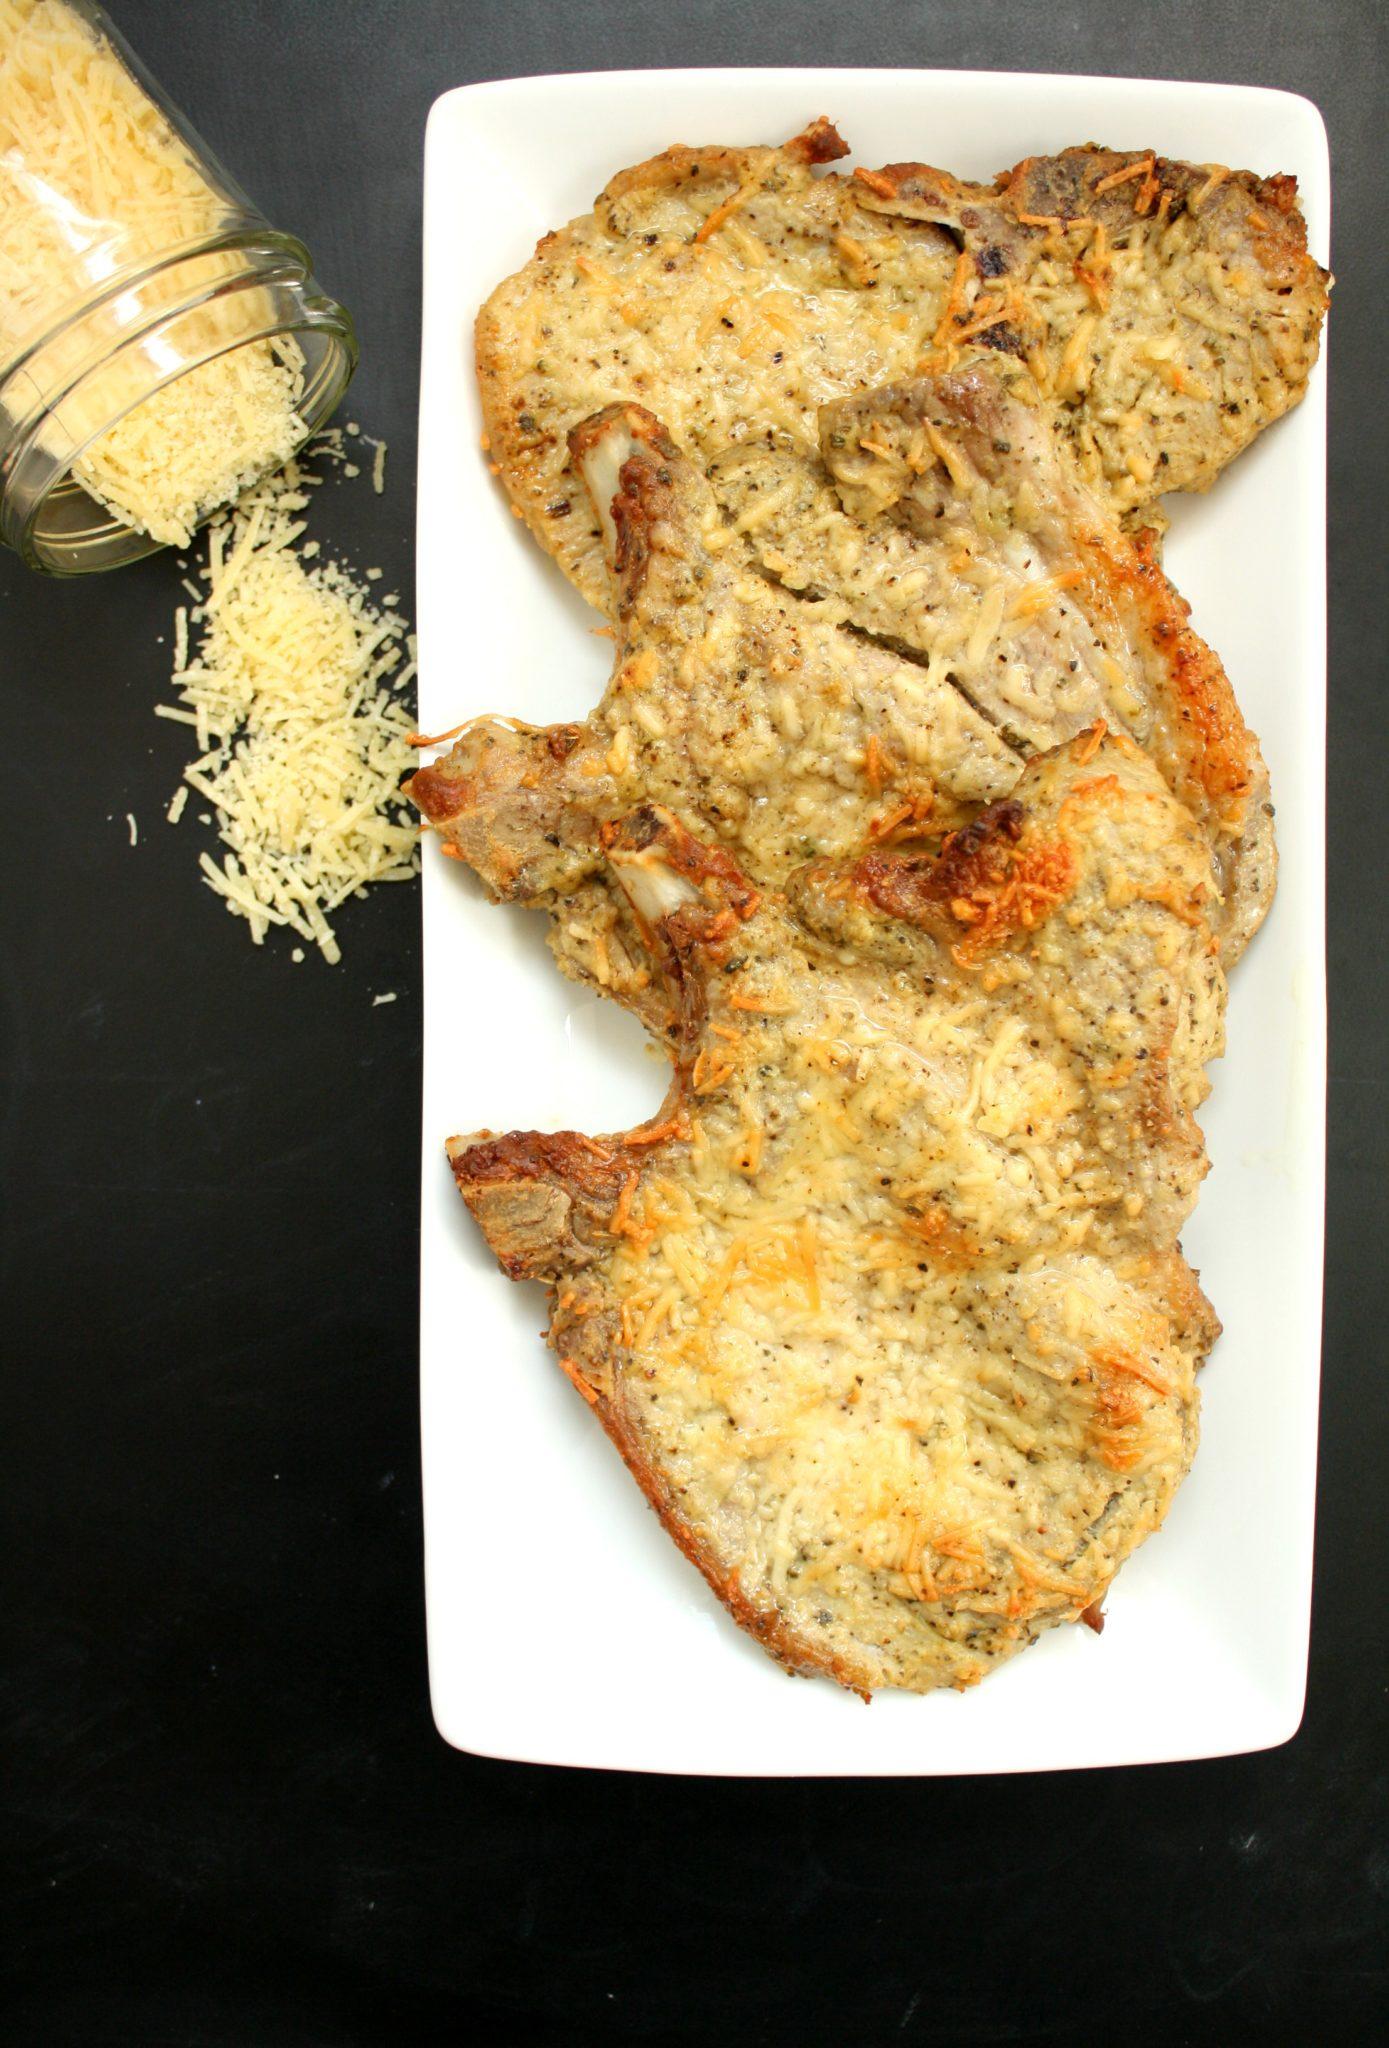 Bisteca de porco assada (empanada com queijo parmesão ralado)